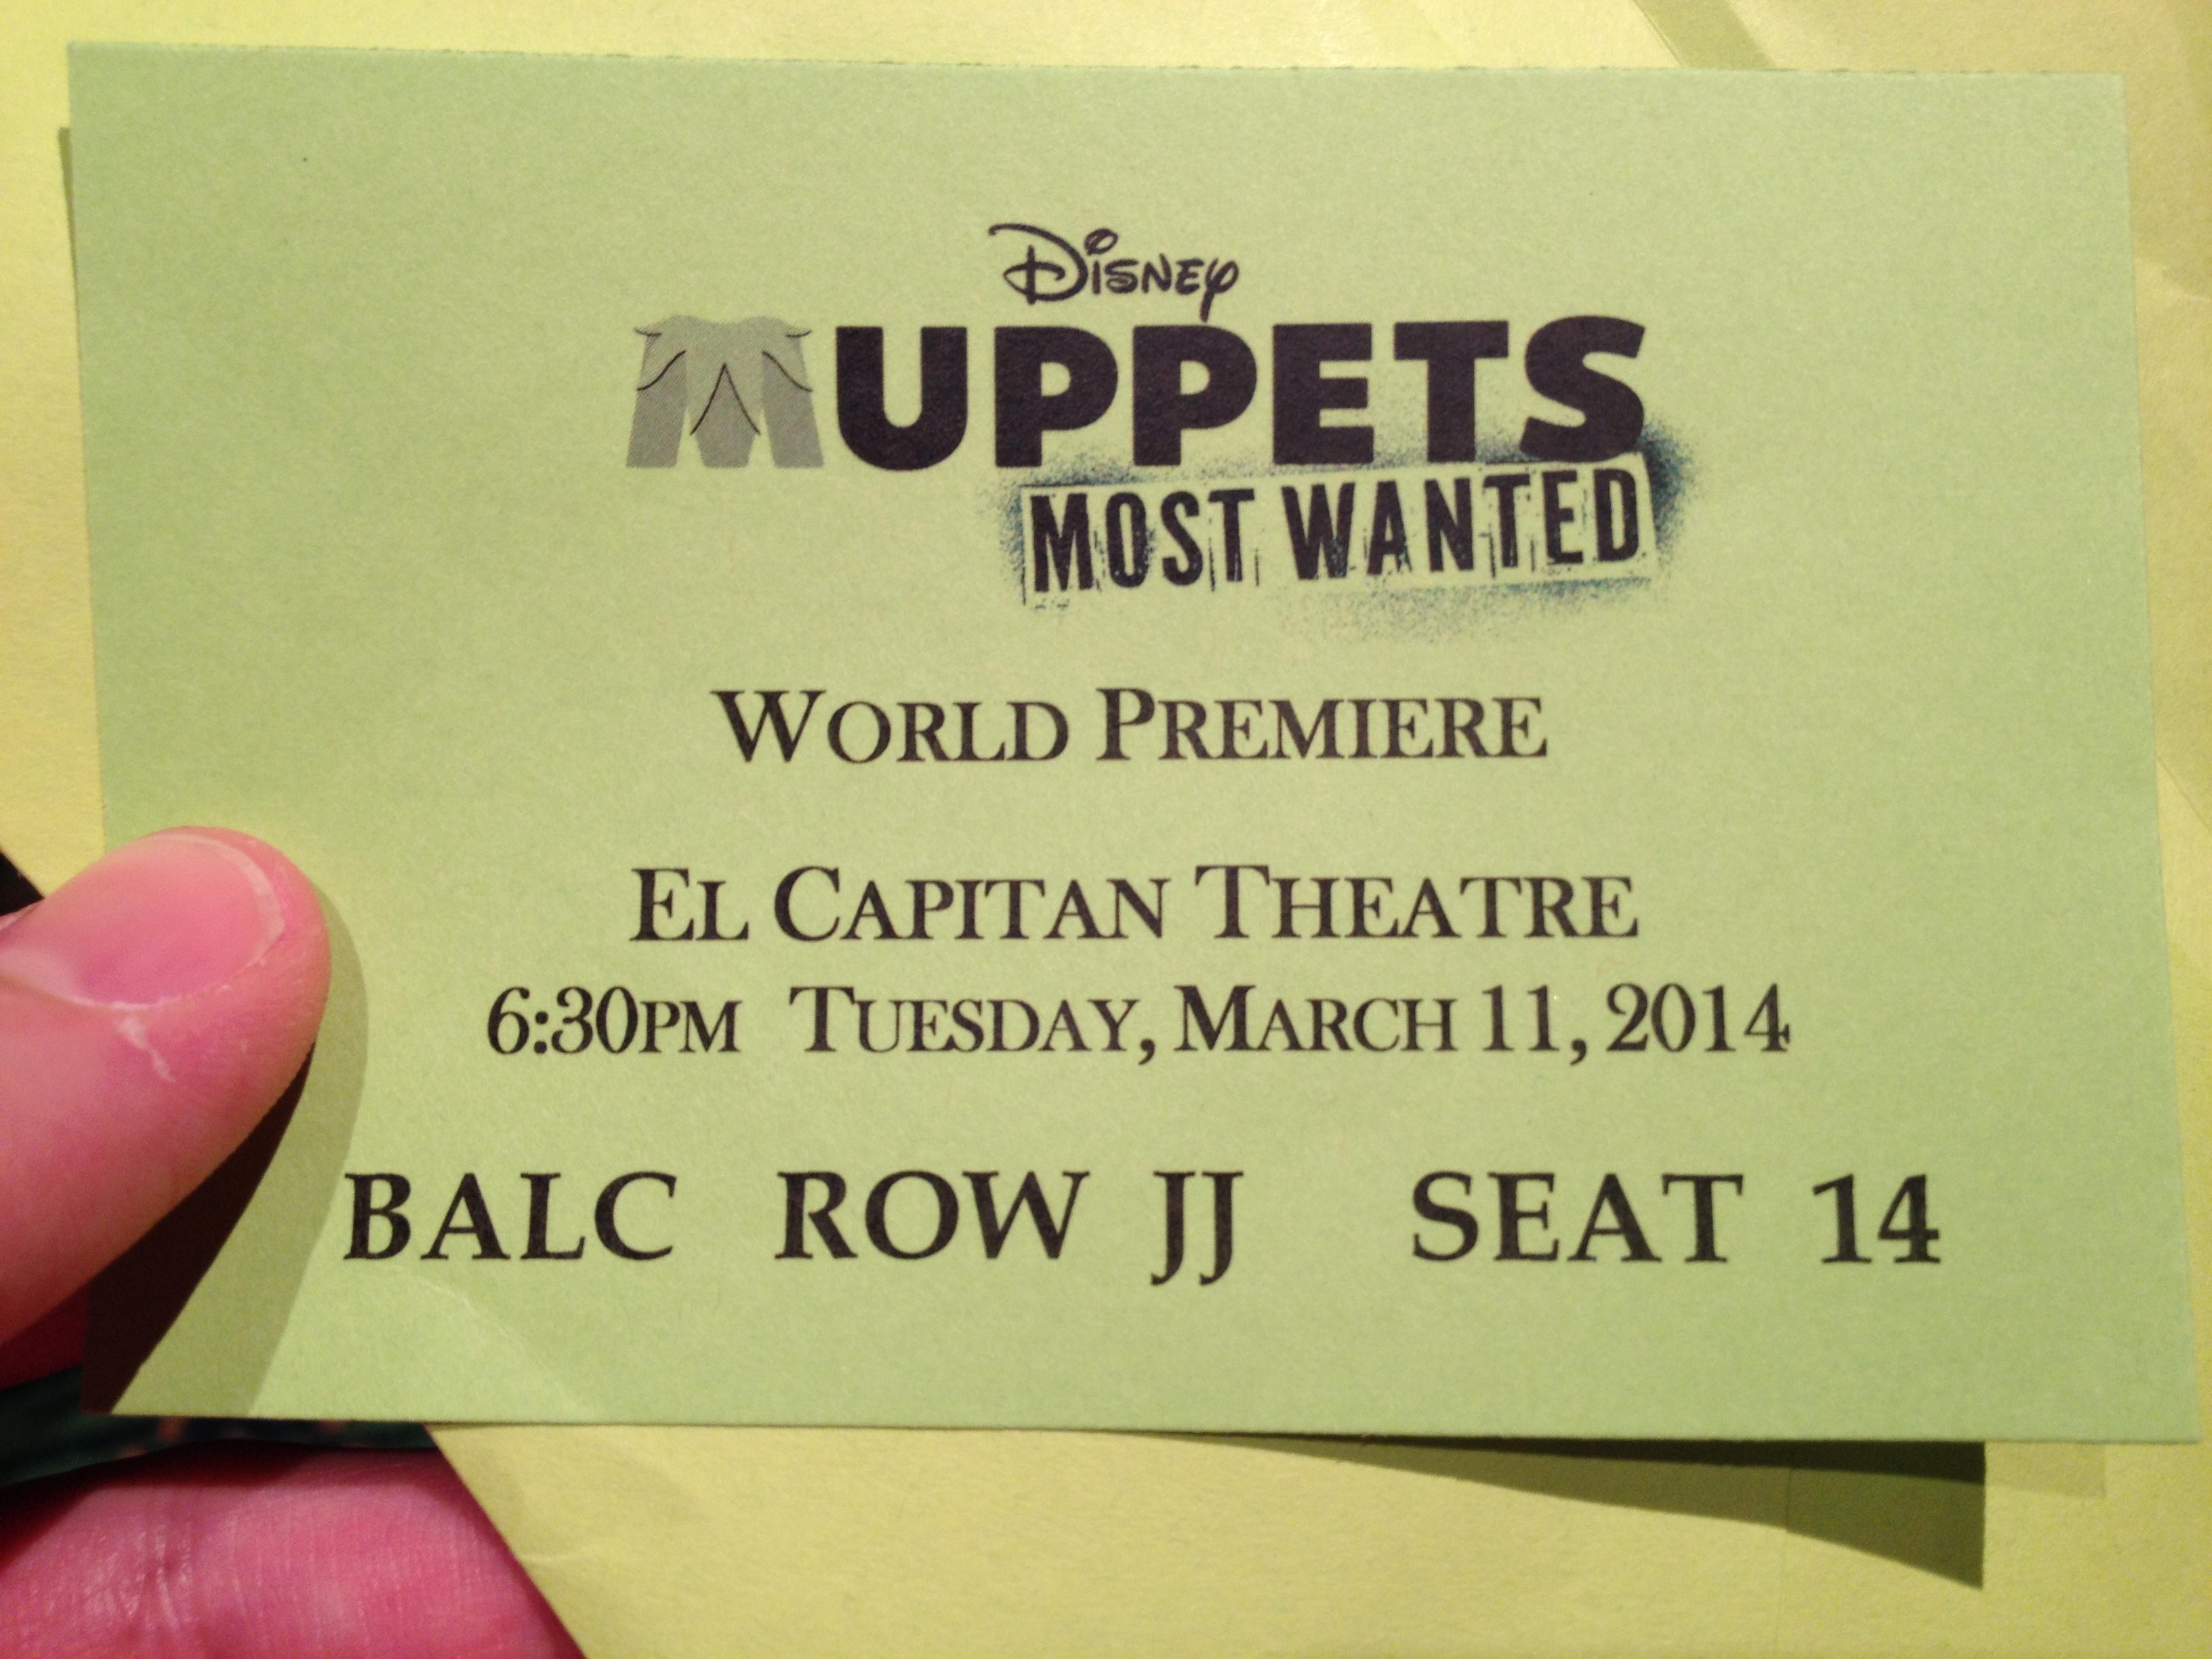 #MuppetsMostWantedEvent Red Carpet Premiere Ticket